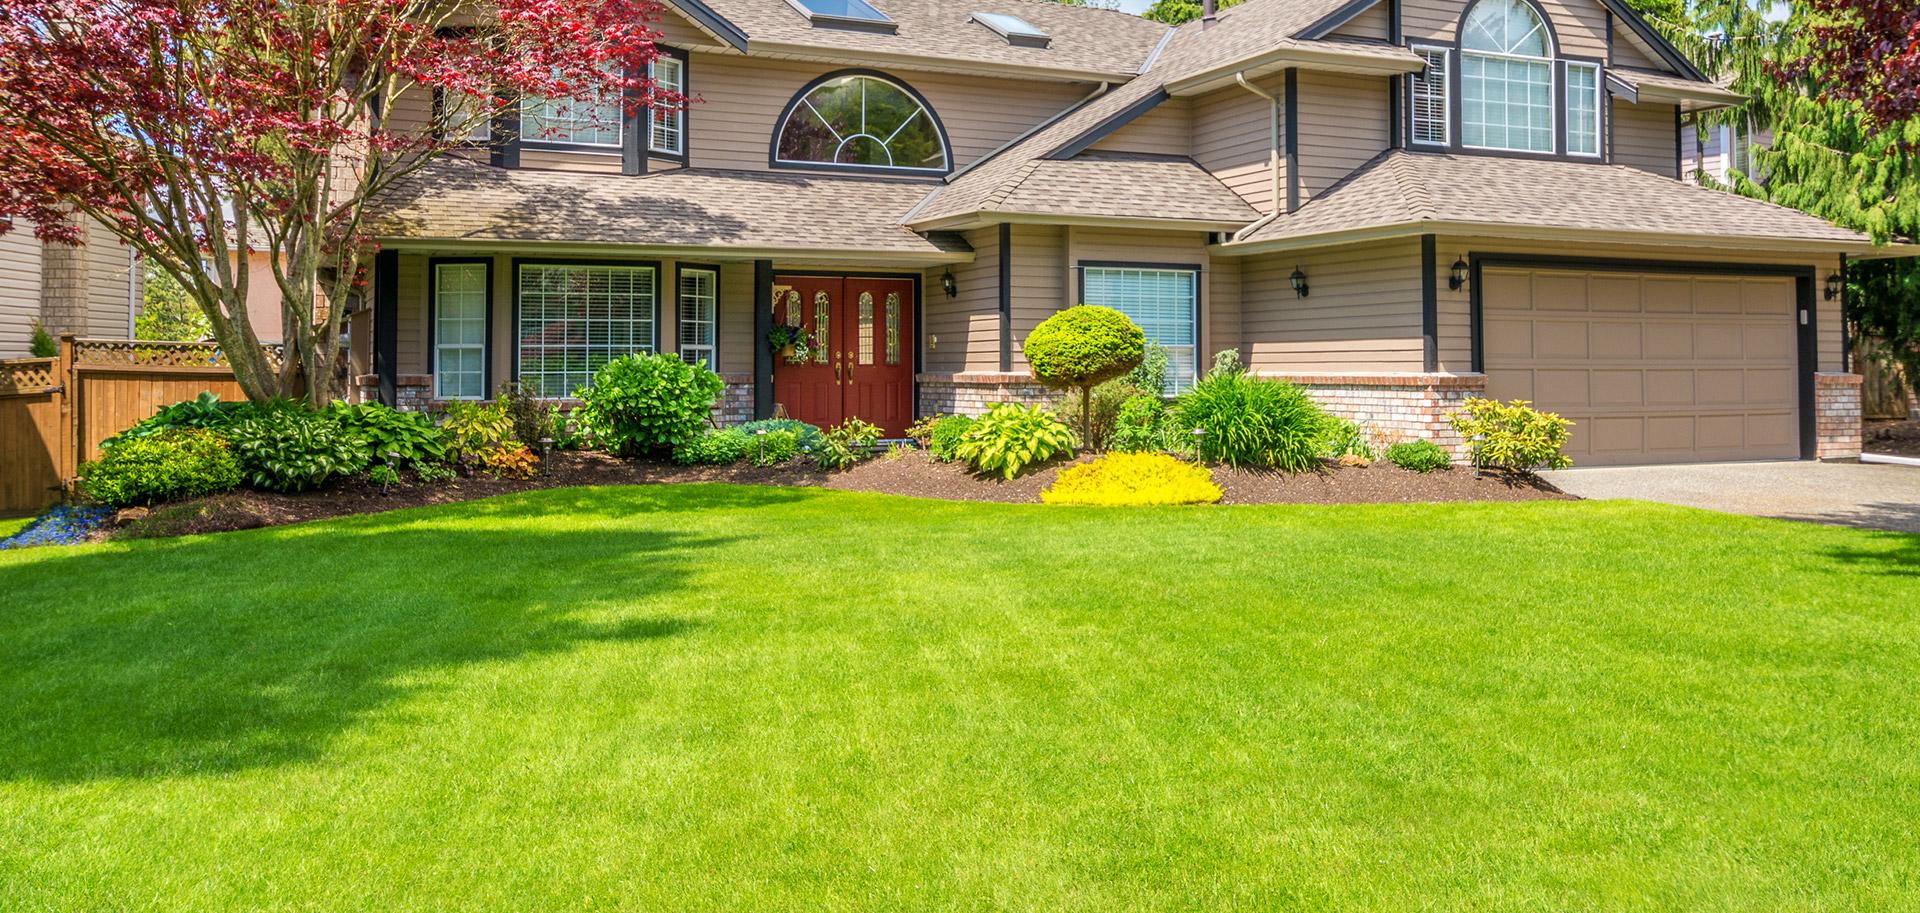 landscapes lawn care